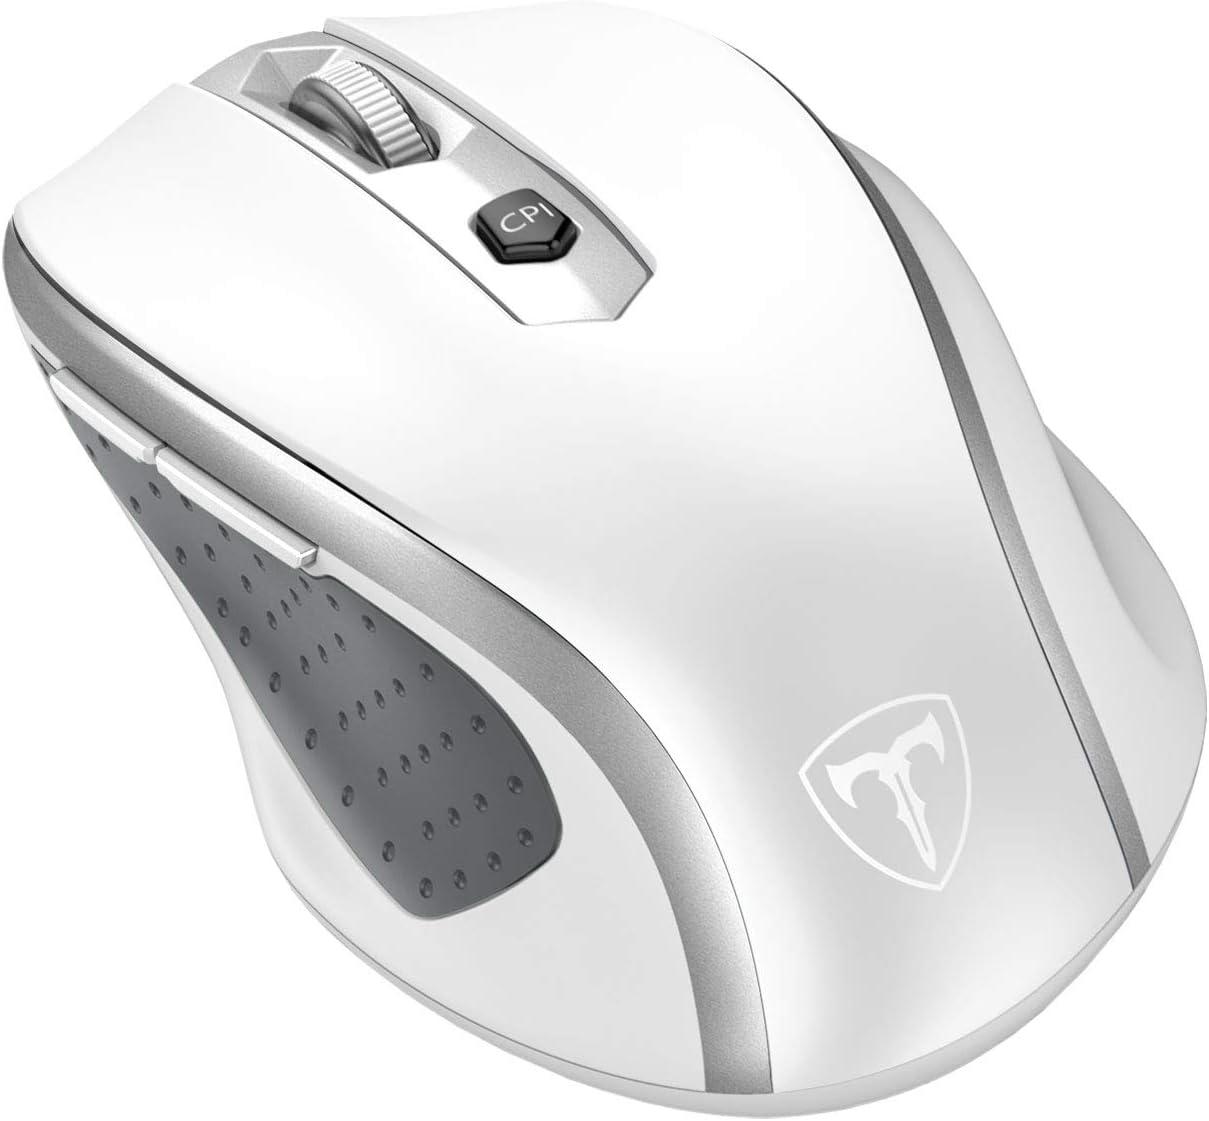 Mouse VicTsing MM057 con 5 niveles de DPI ajustables-BJMT